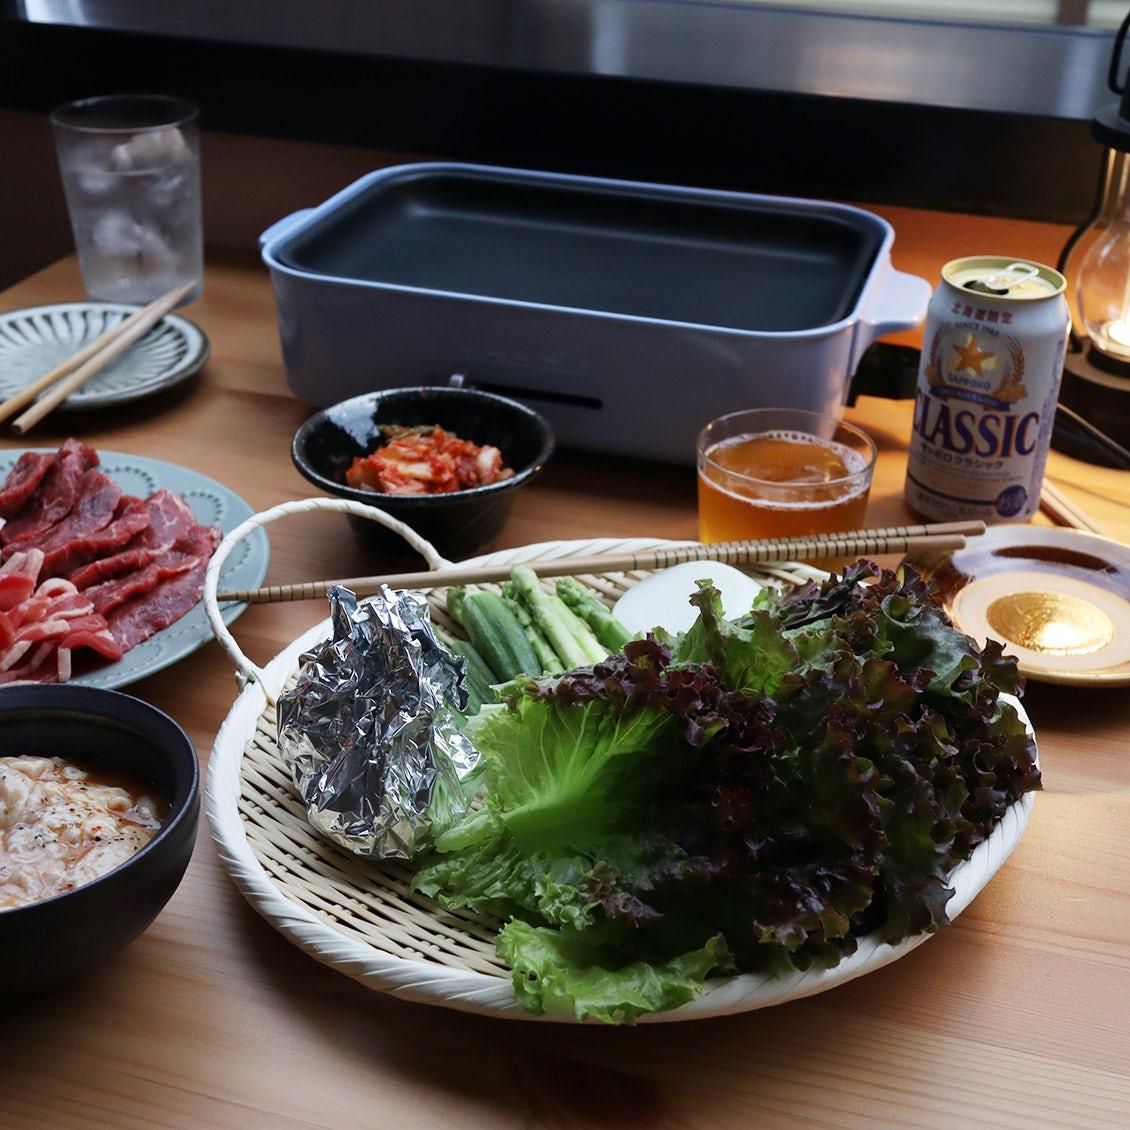 【スタッフ愛用品】毎日の食卓で気負わず使える、天然素材の竹ざる